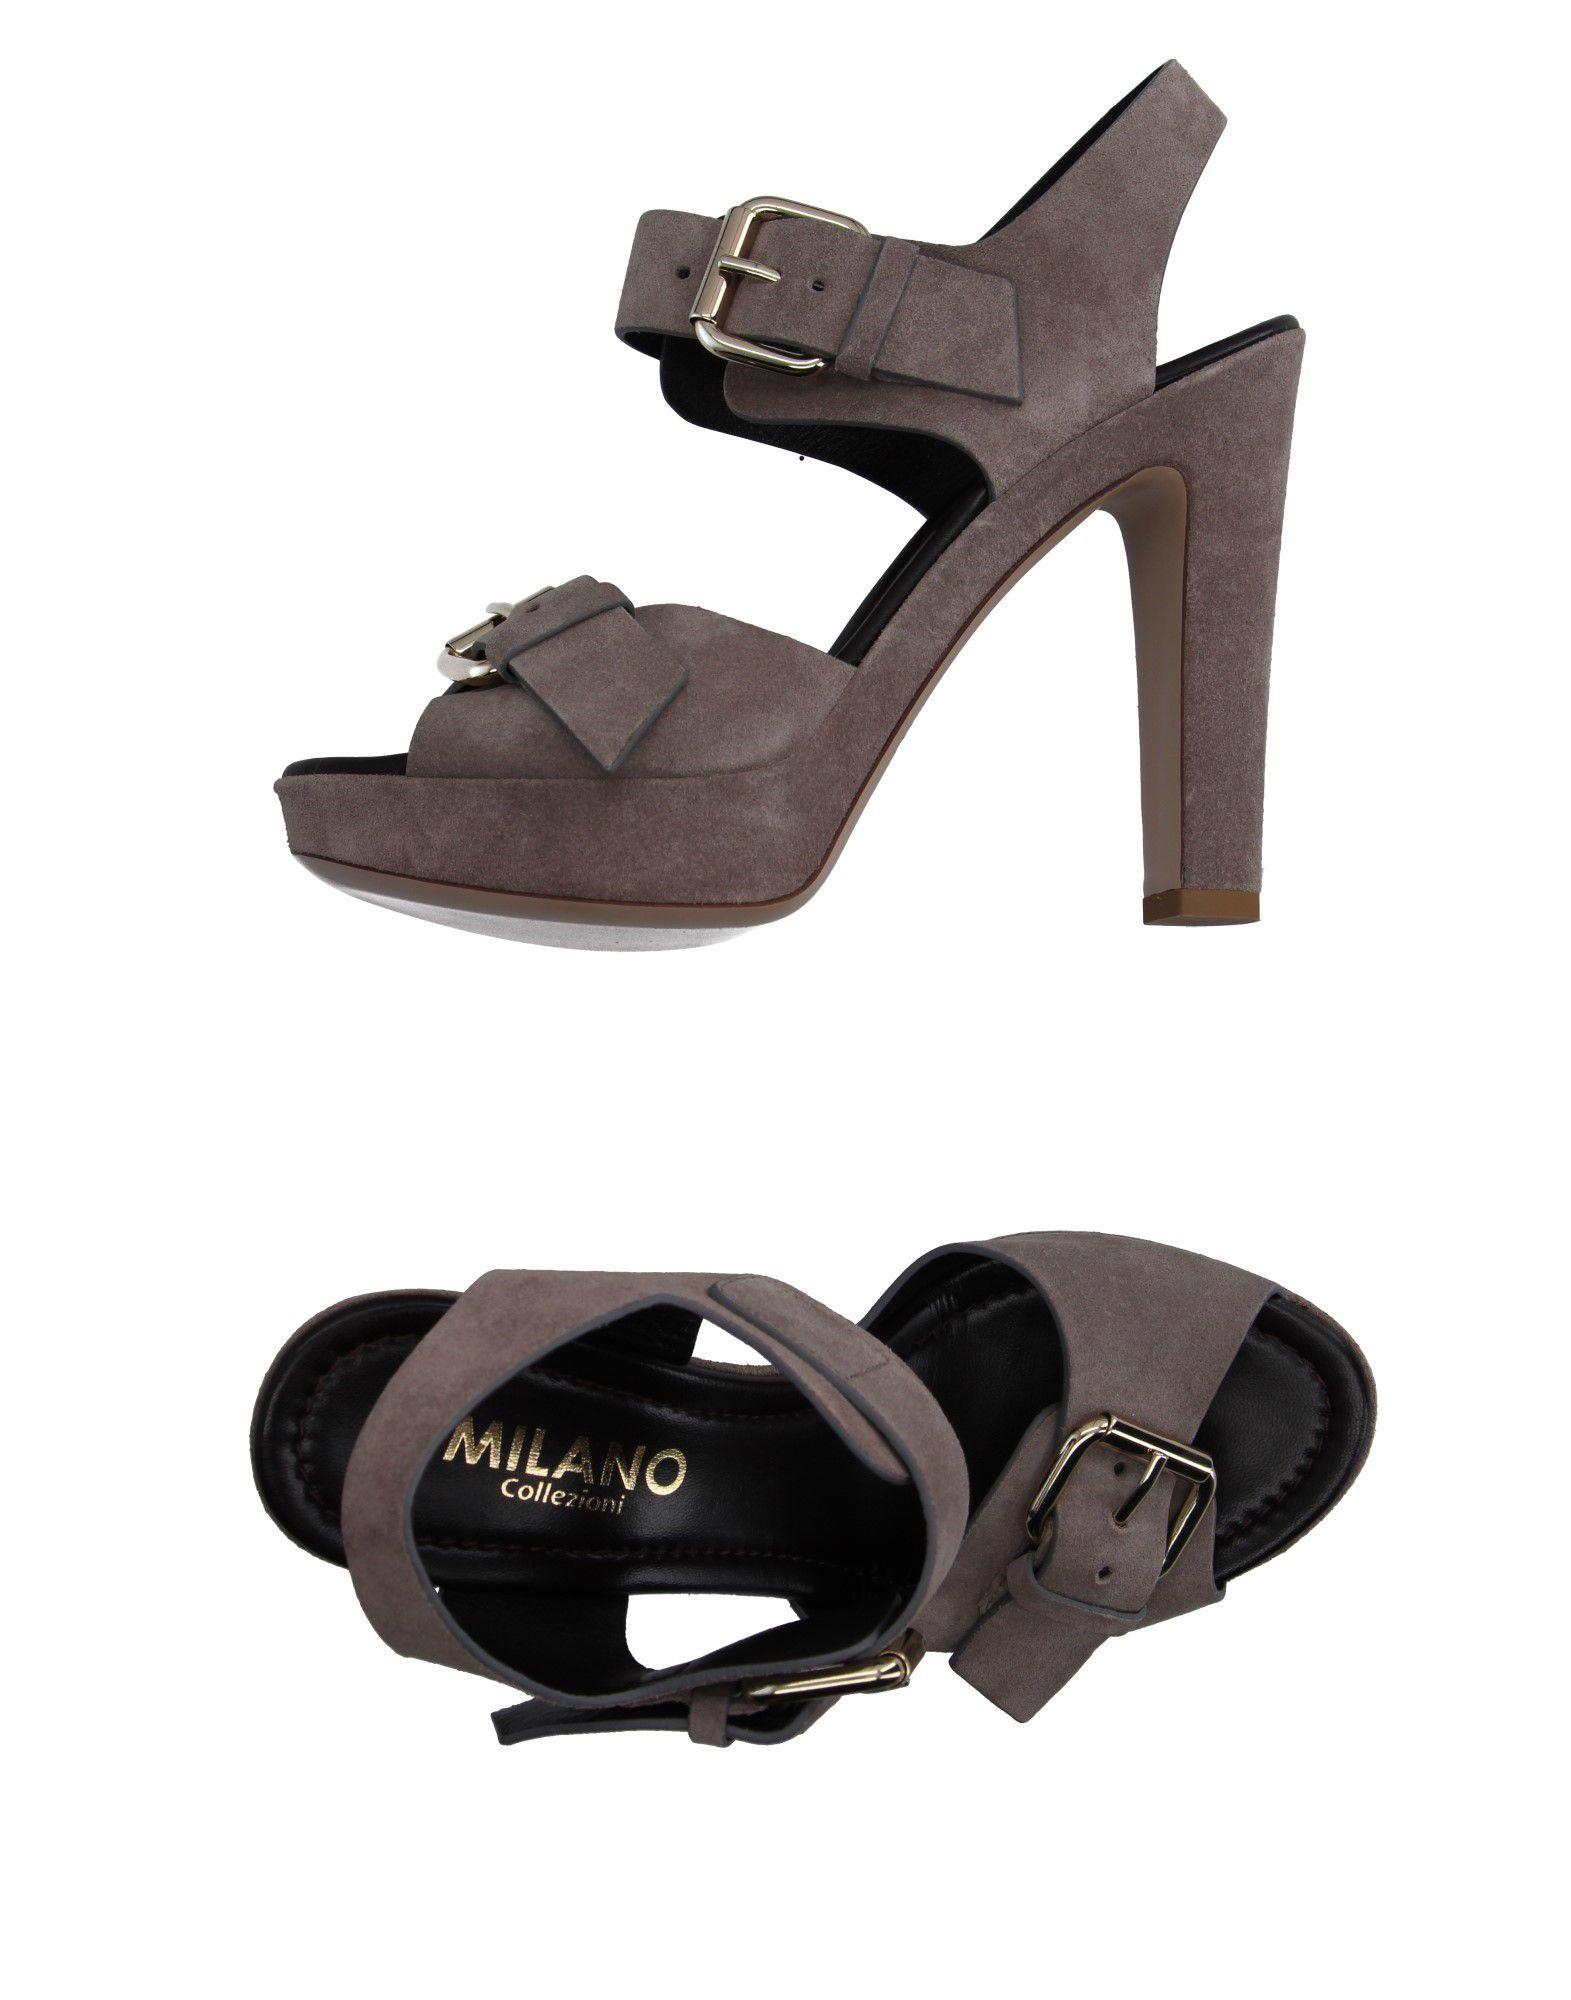 bd0b6b2b80d MILANO COLLEZIONI. MILANO COLLEZIONI Sandals